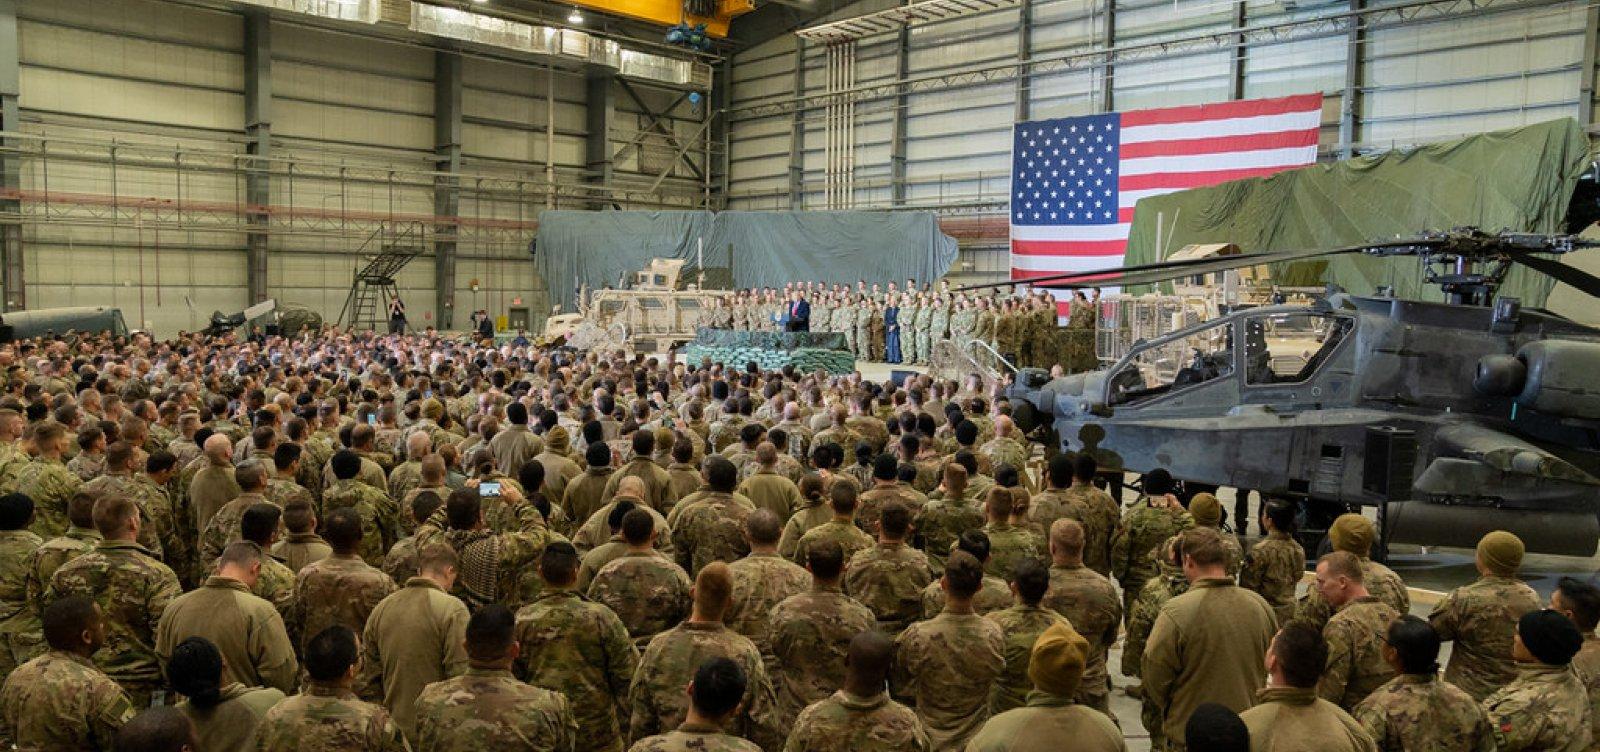 [Governo americano anuncia envio de tropas ao Oriente Médio após tensão com Irã ]